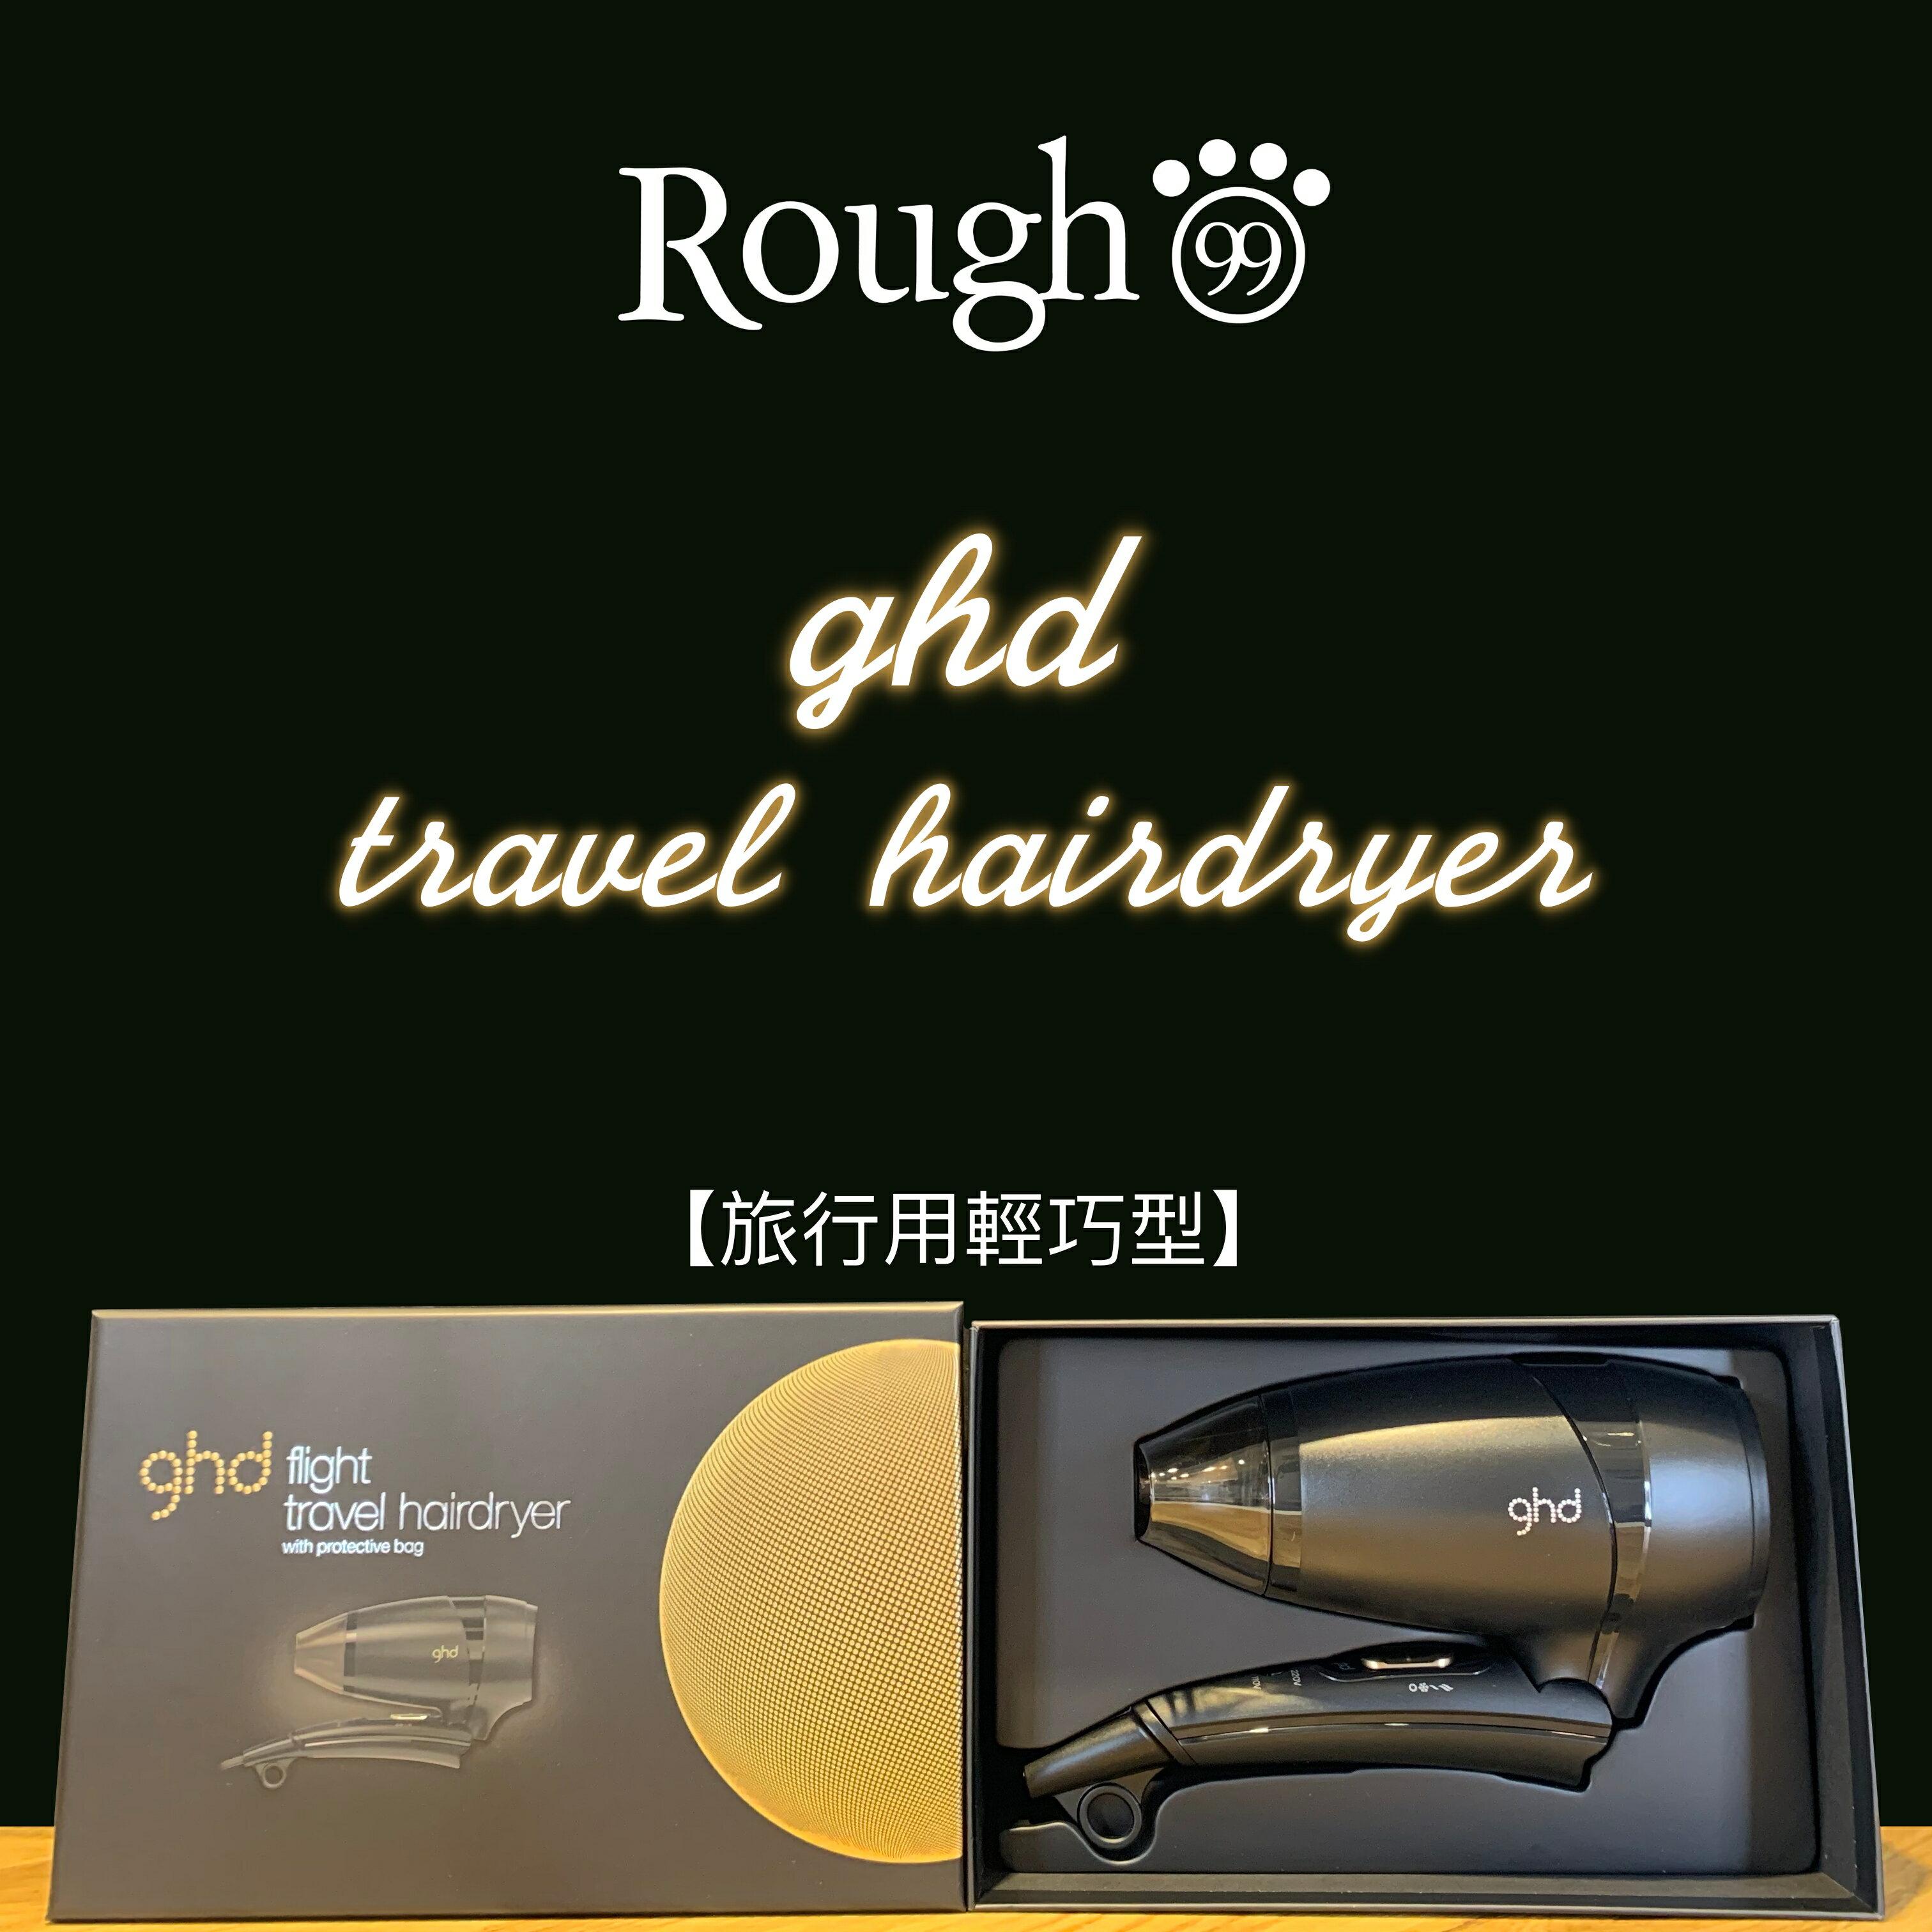 限量優惠附電子發票 【Rough99】🇬🇧 ghd 正品公司貨 旅行雙頻吹風機